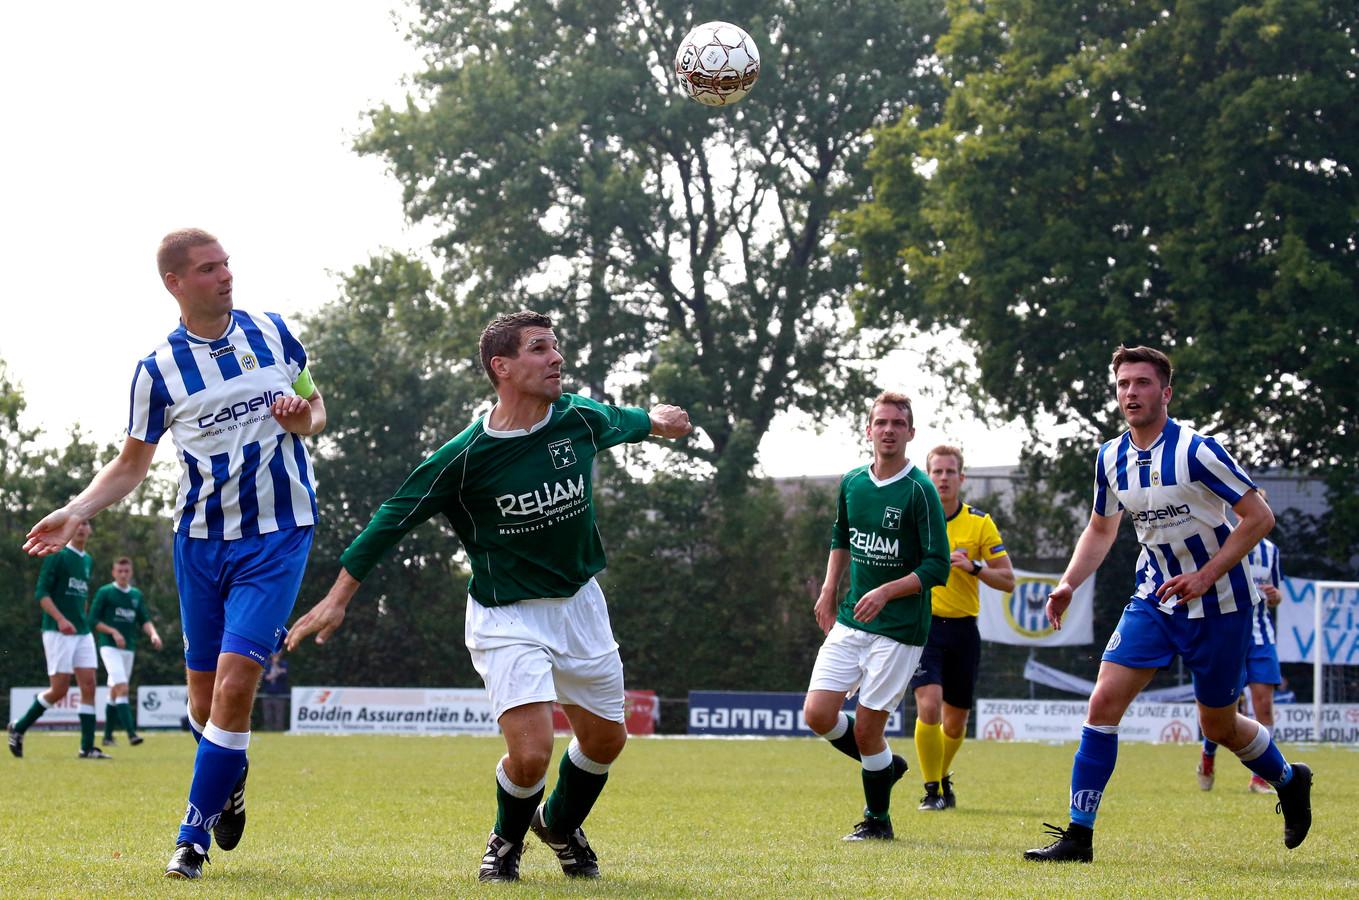 Peter Dieleman maakte zaterdag de 1-0 tegen 's-Heer Arendskerke namens Zaamslag.